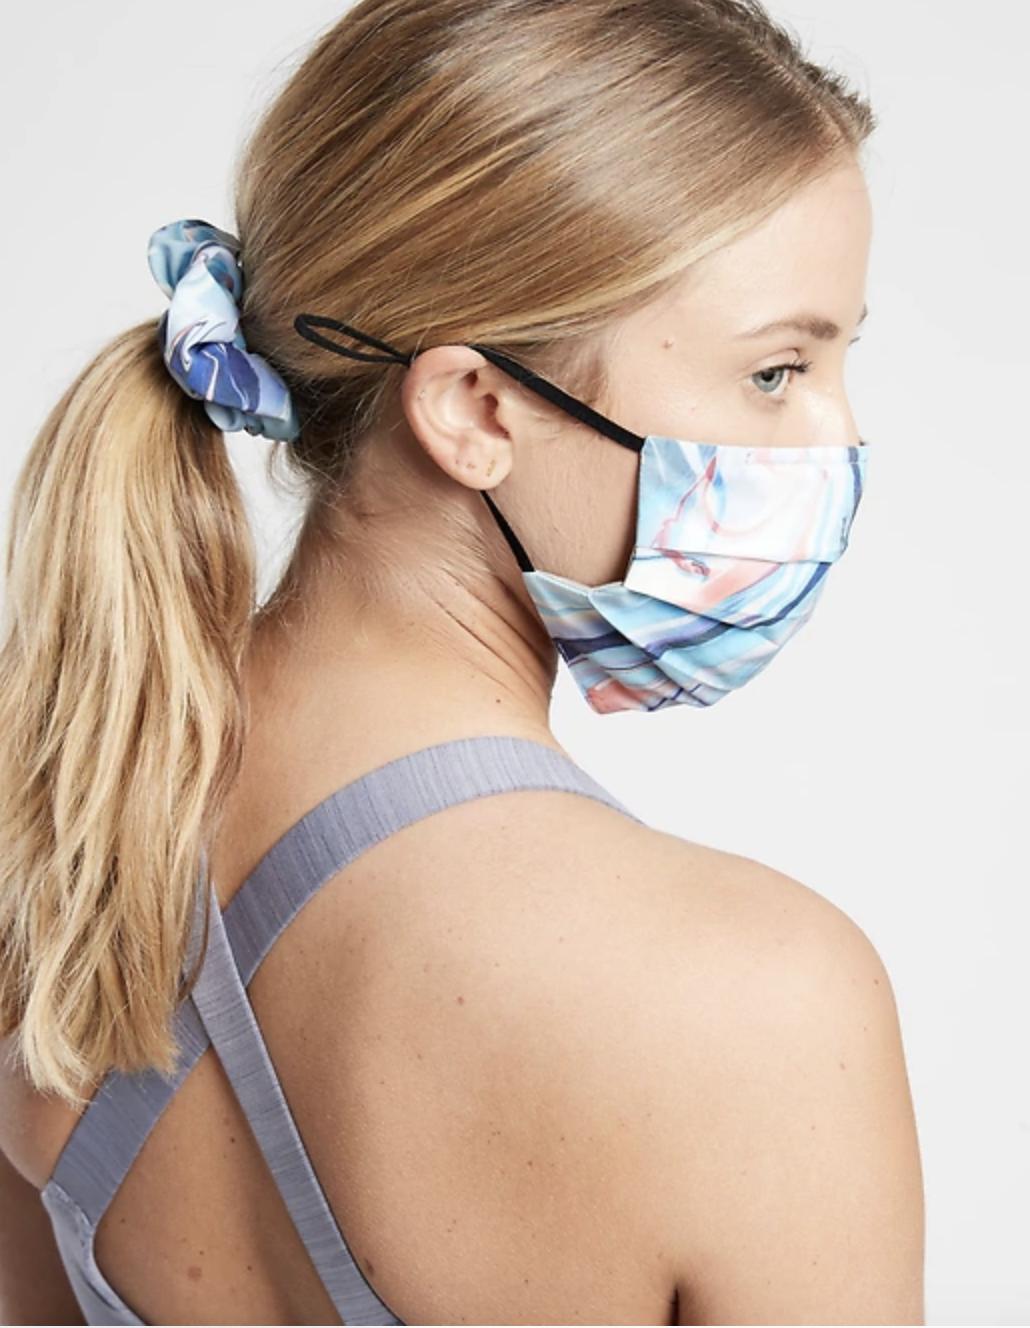 Model in tie dye face mask